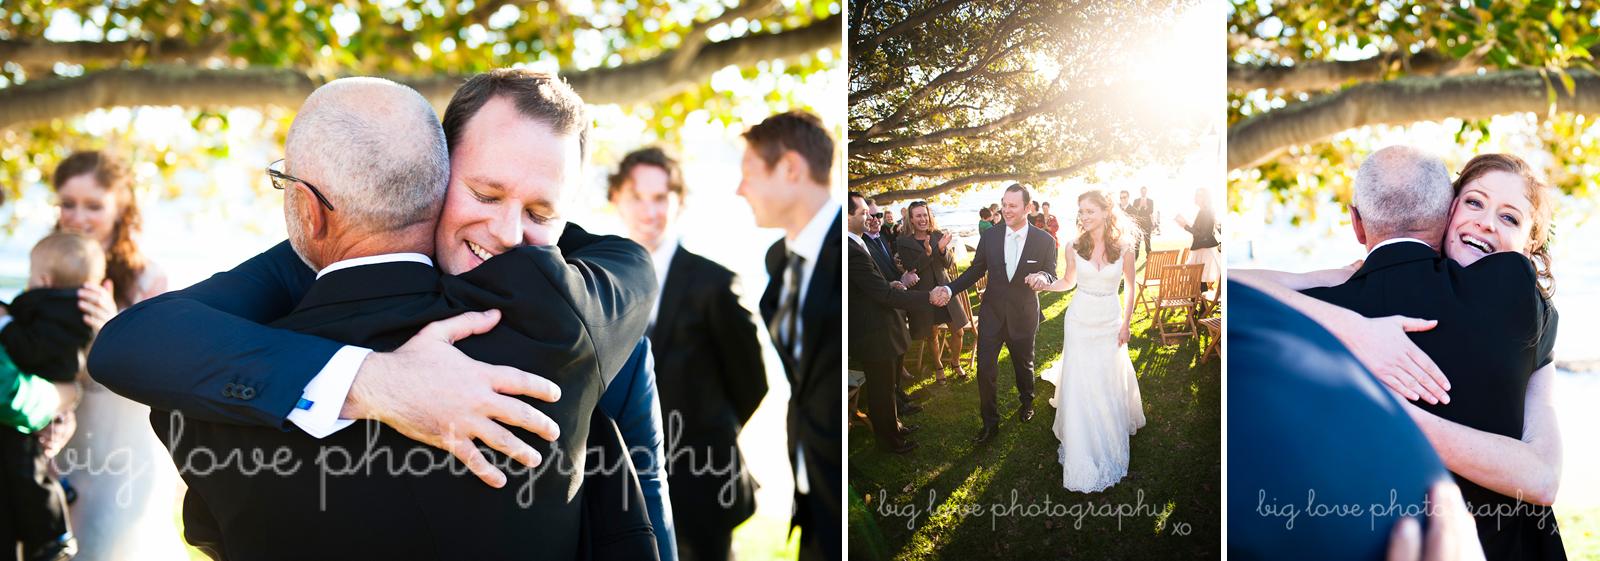 wedding hugs and kisses